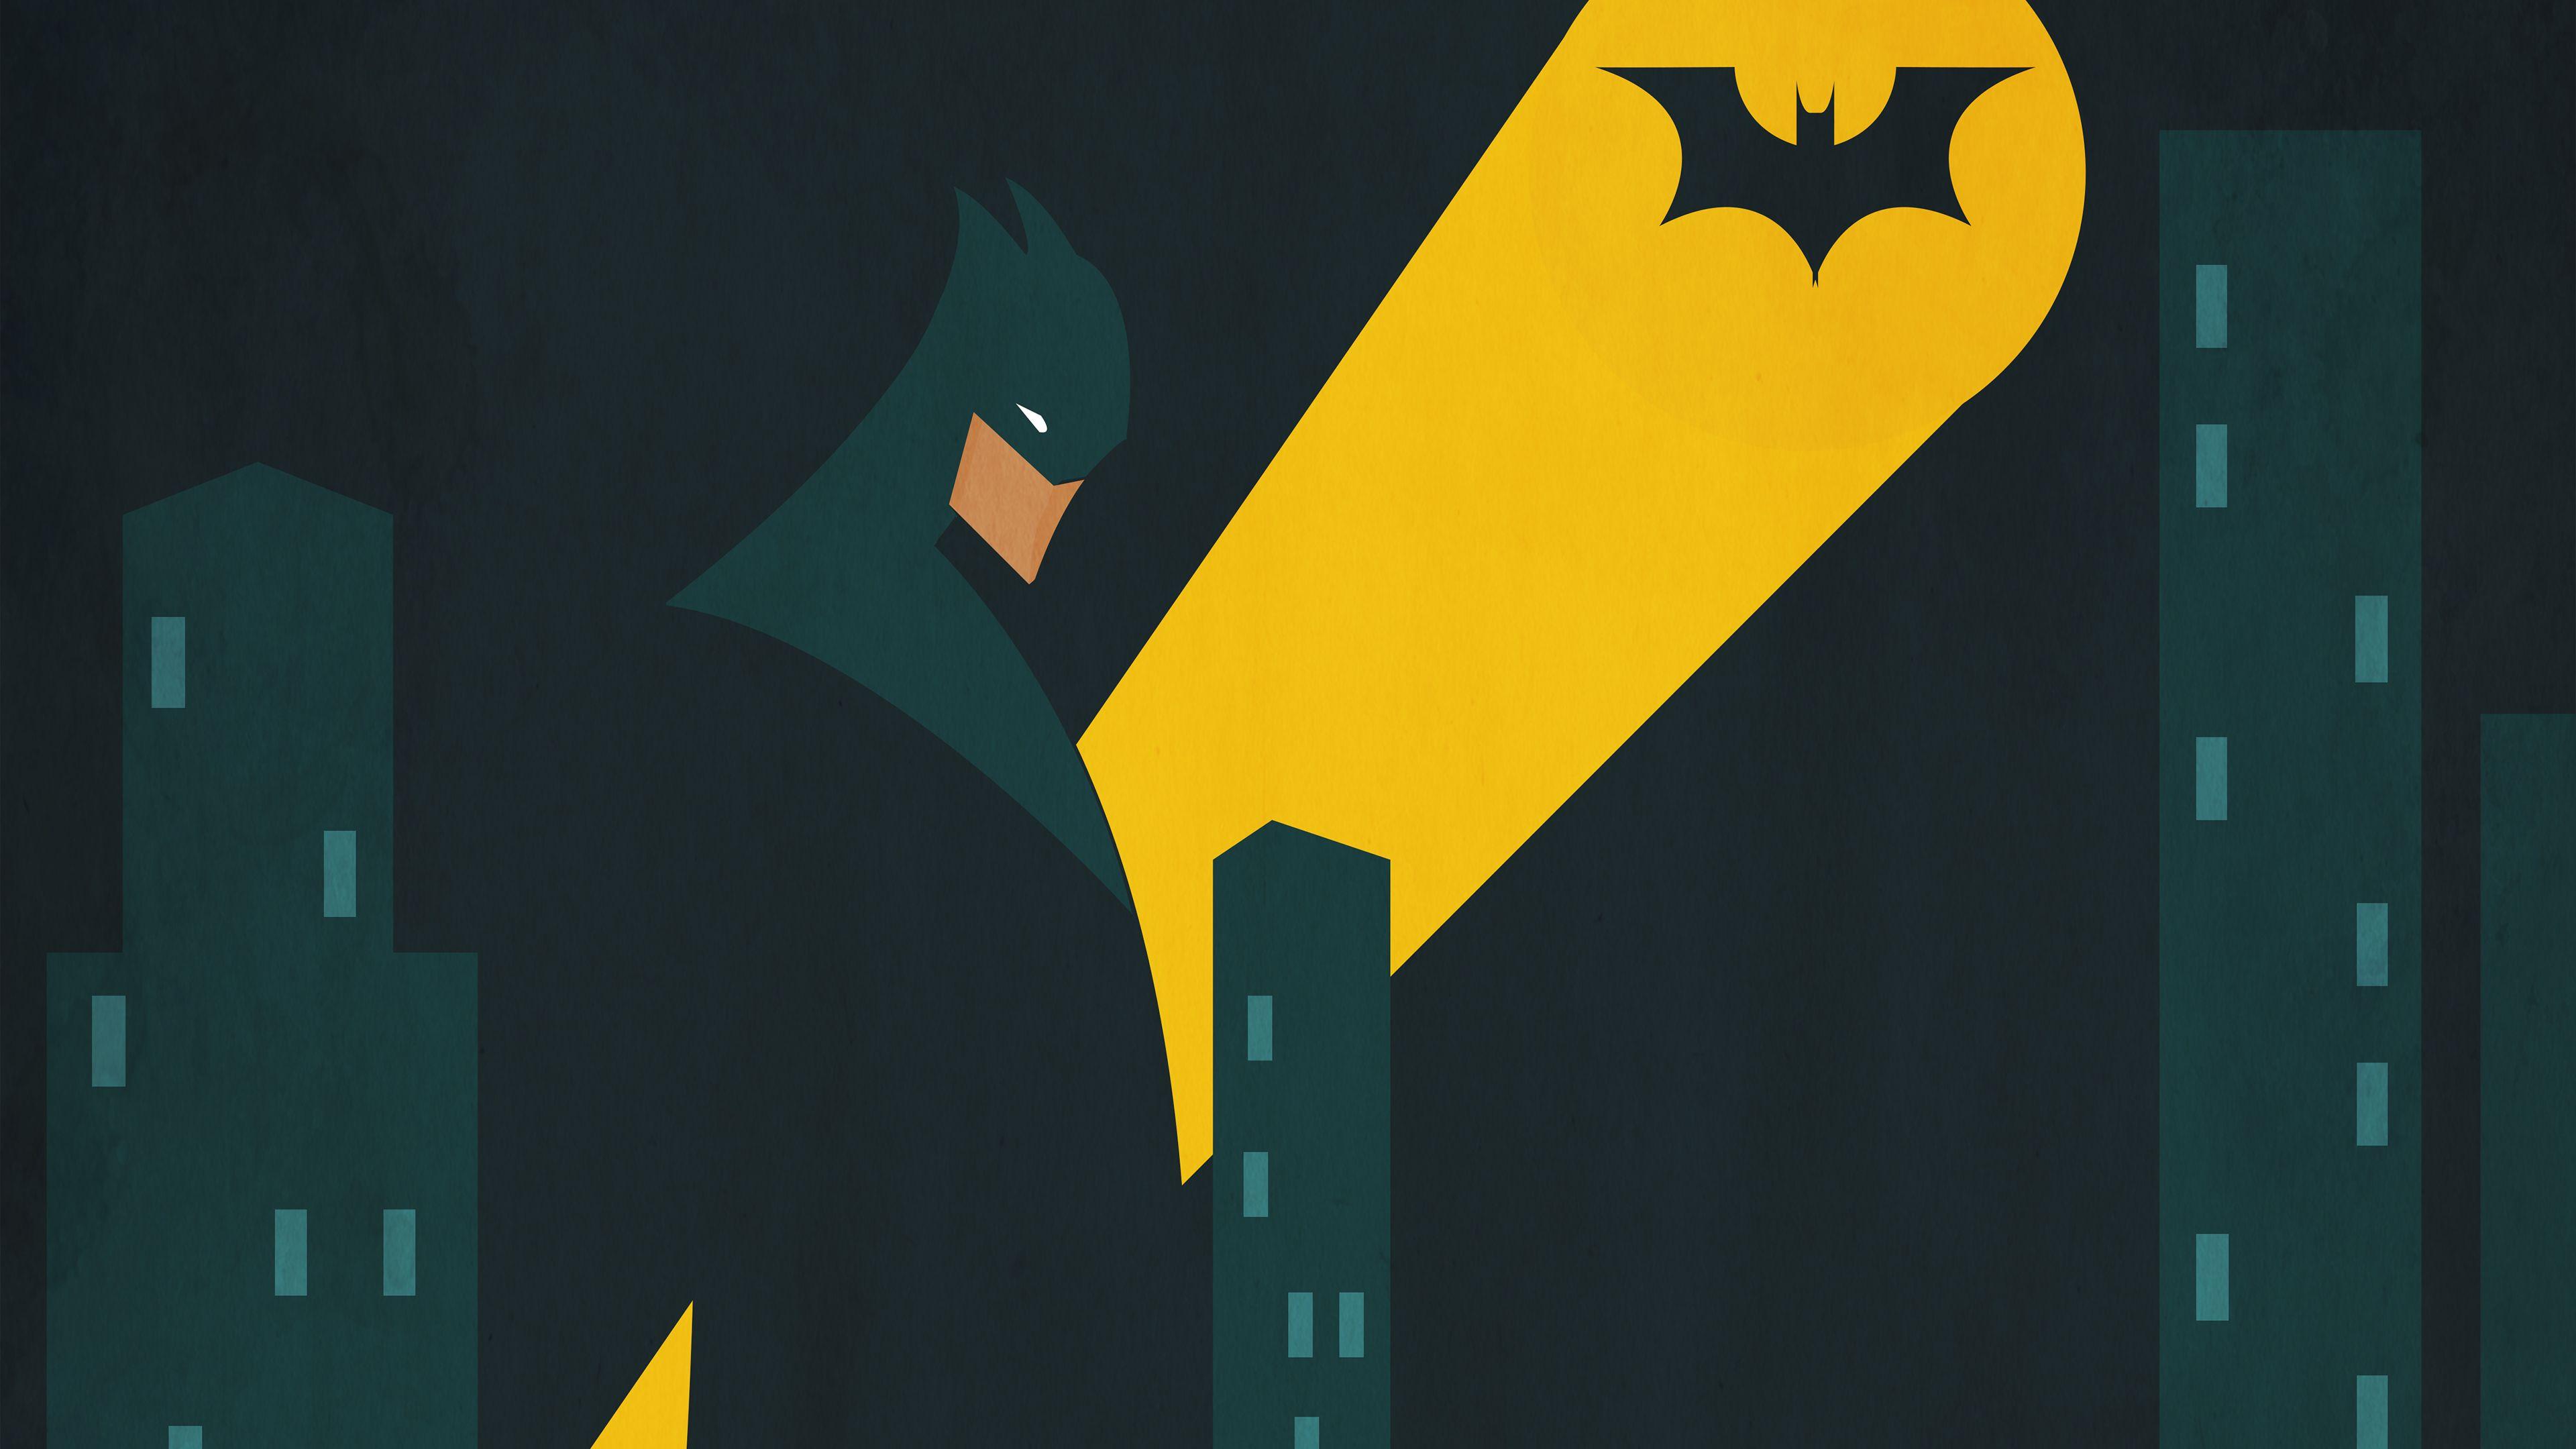 Batman Gotham Bat Signal Superheroes Wallpapers Iron Man Wallpapers Hd Wallpapers Behance Wallpapers Batm Batman Wallpaper Iron Man Wallpaper Man Wallpaper